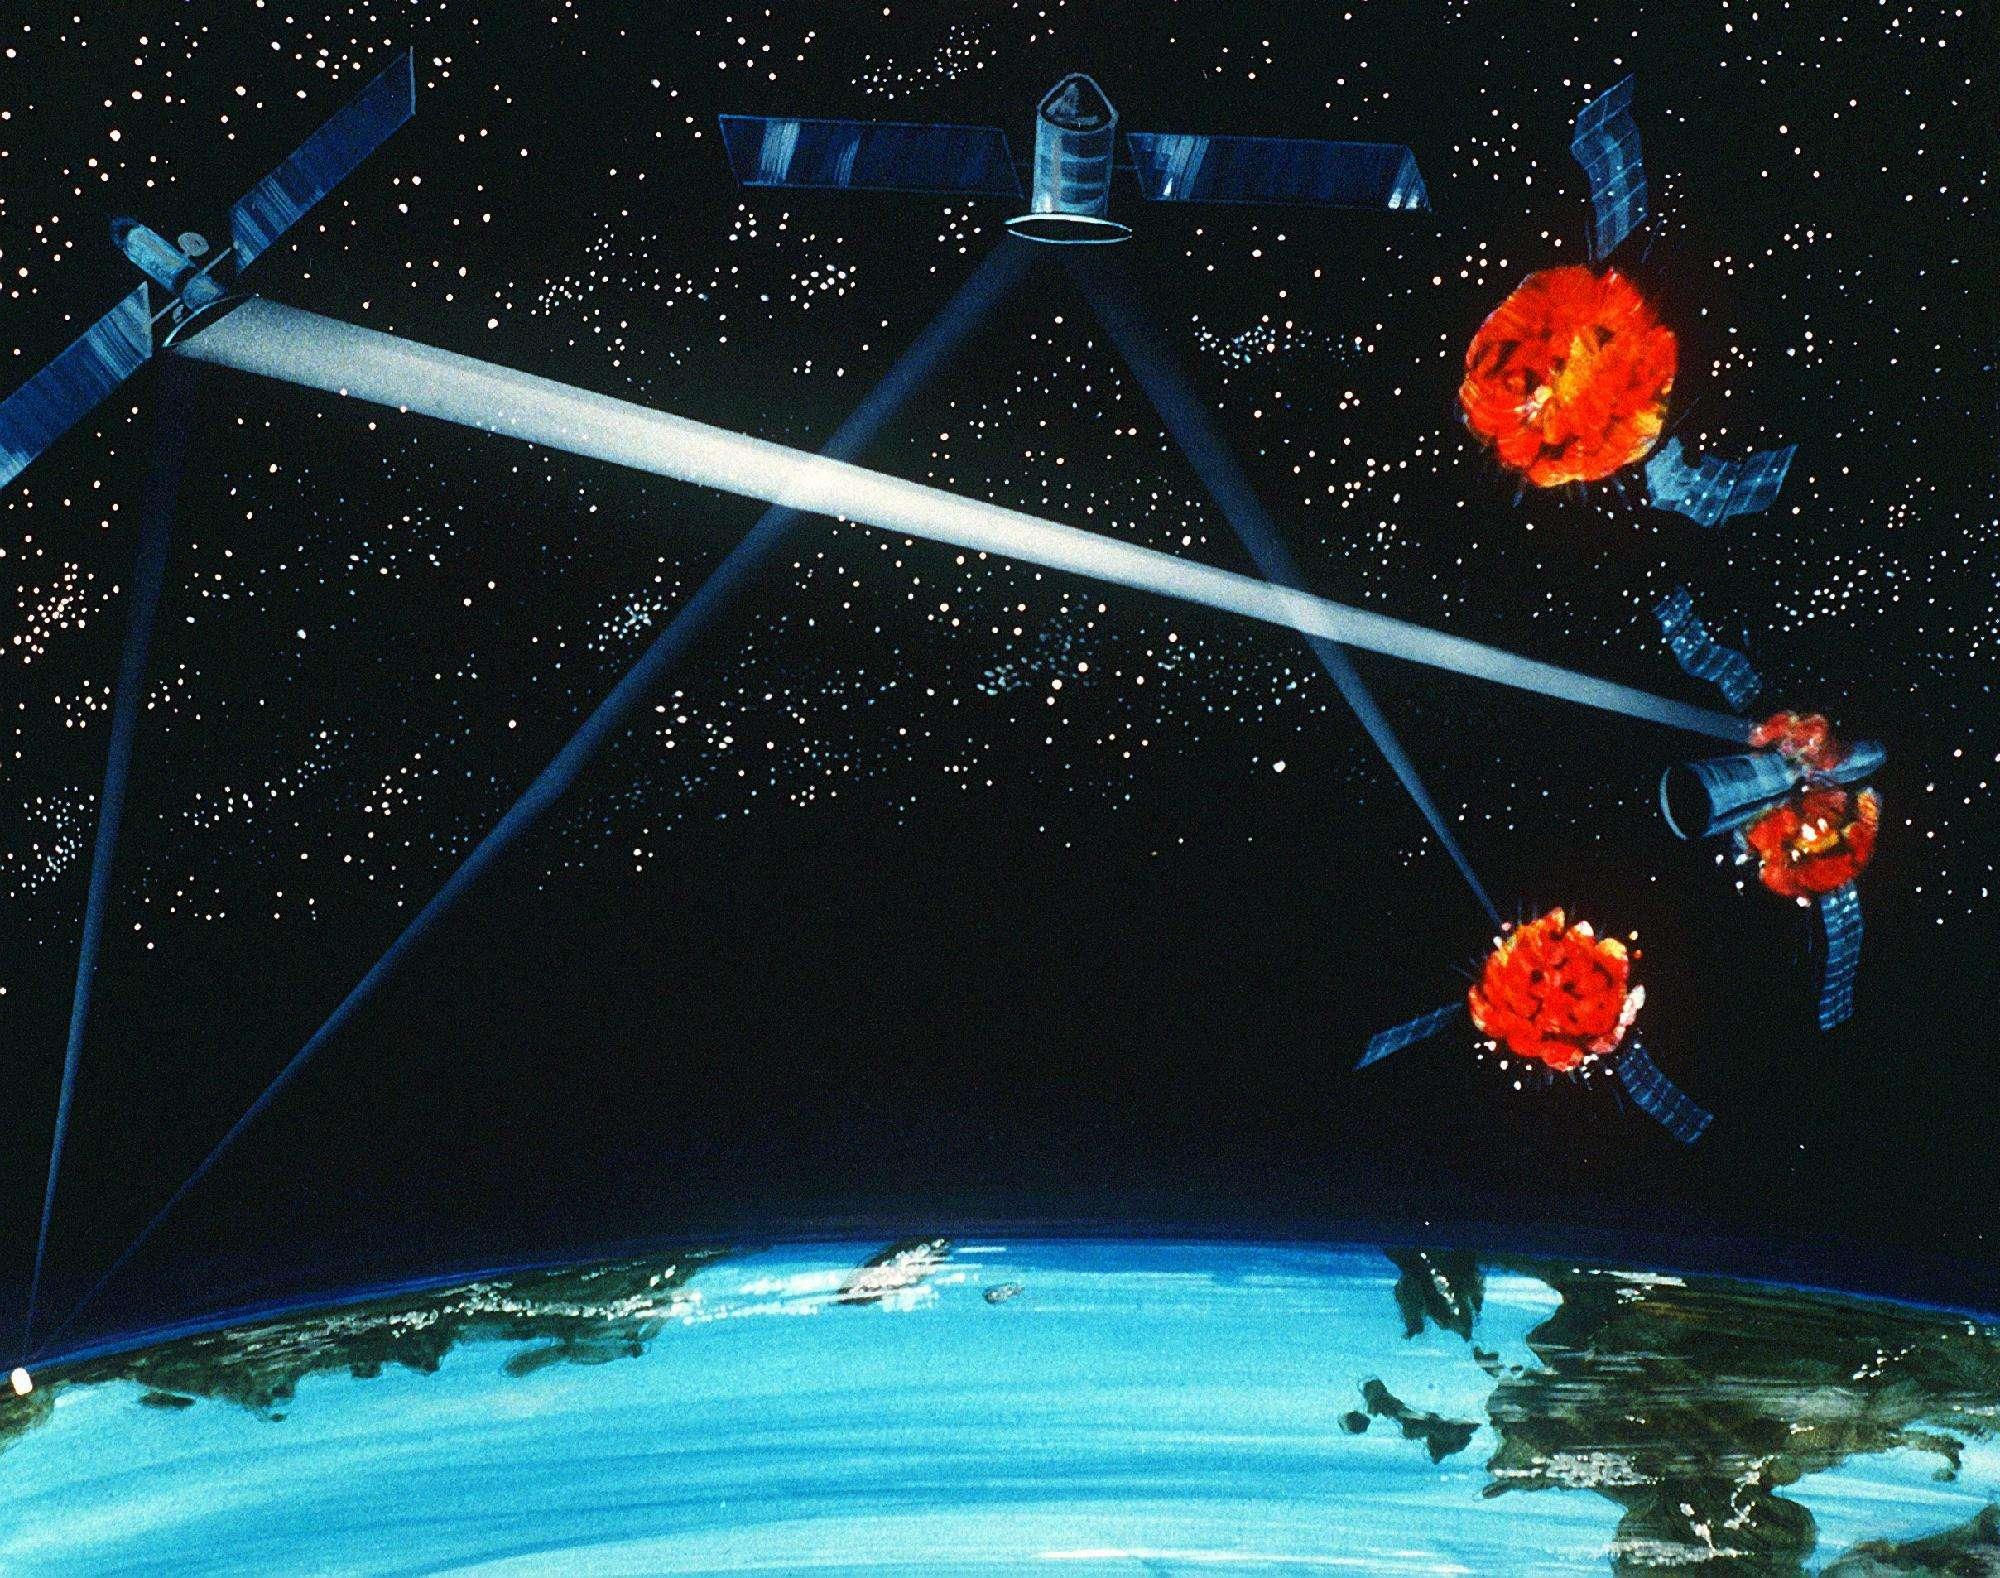 美专家炒作中国反卫星武器:能摧毁500颗卫星